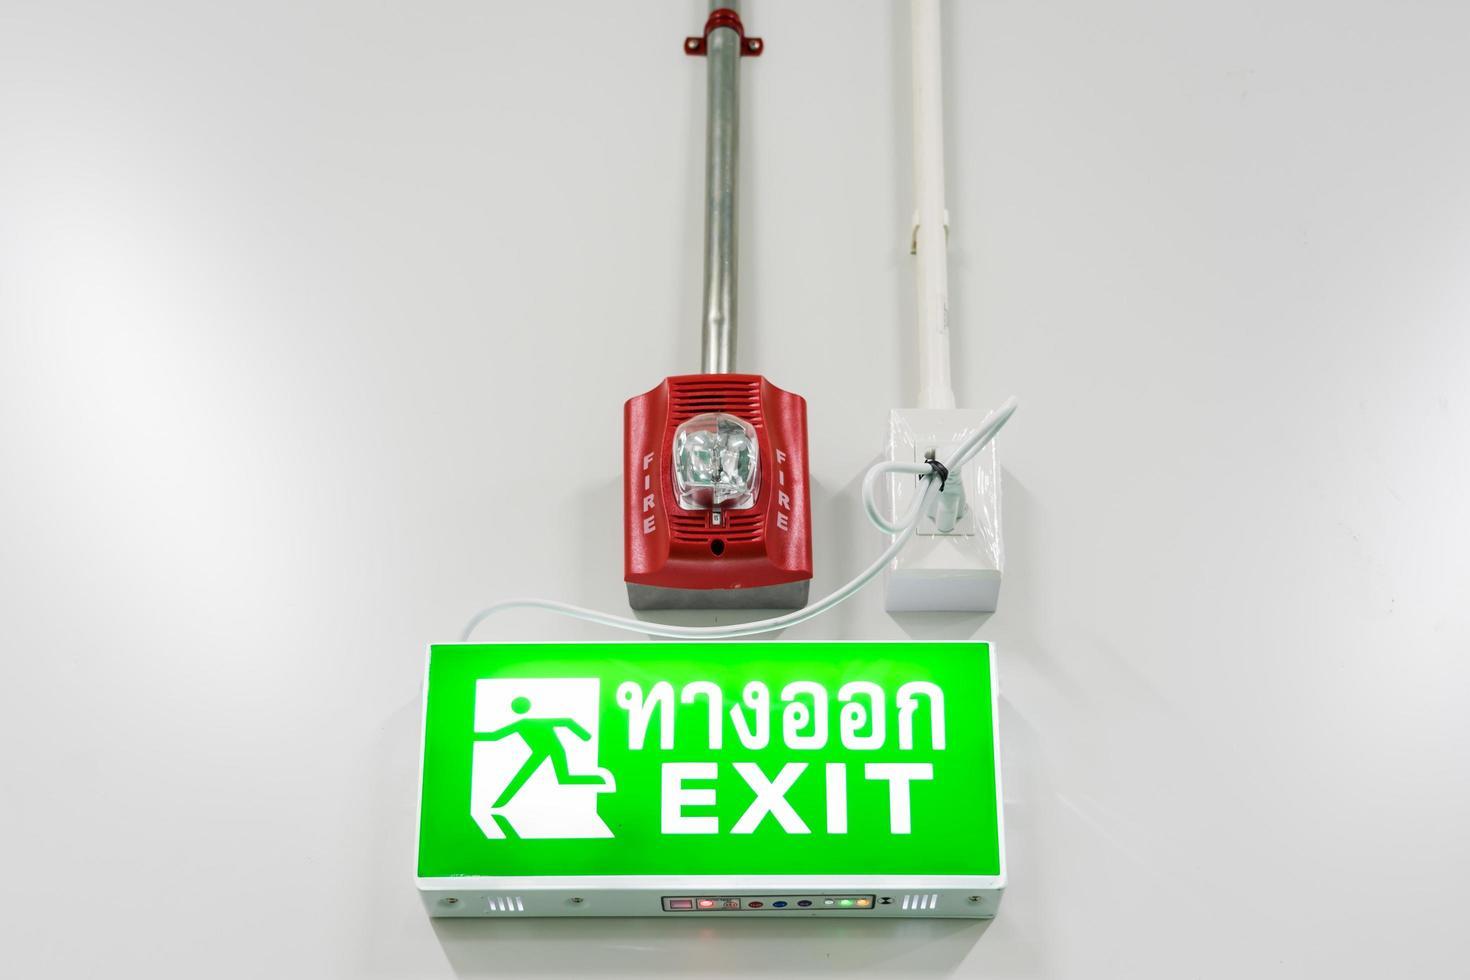 alarme de protection incendie et panneau de sortie de secours photo